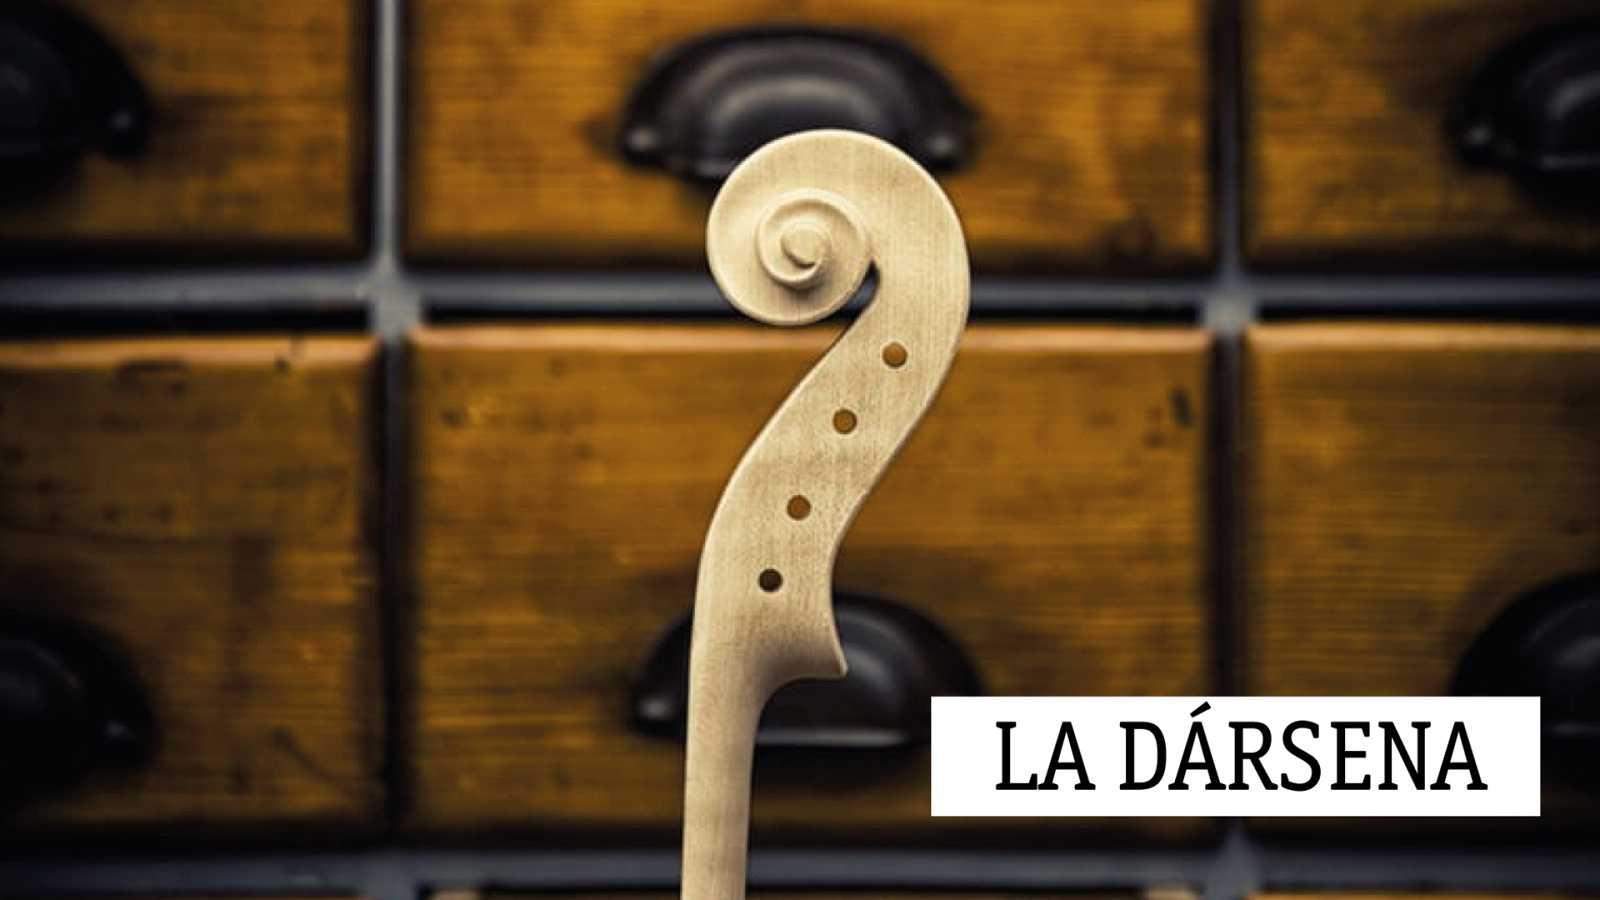 La dársena - L'Estro d'Orfeo - 26/03/20 - escuchar ahora